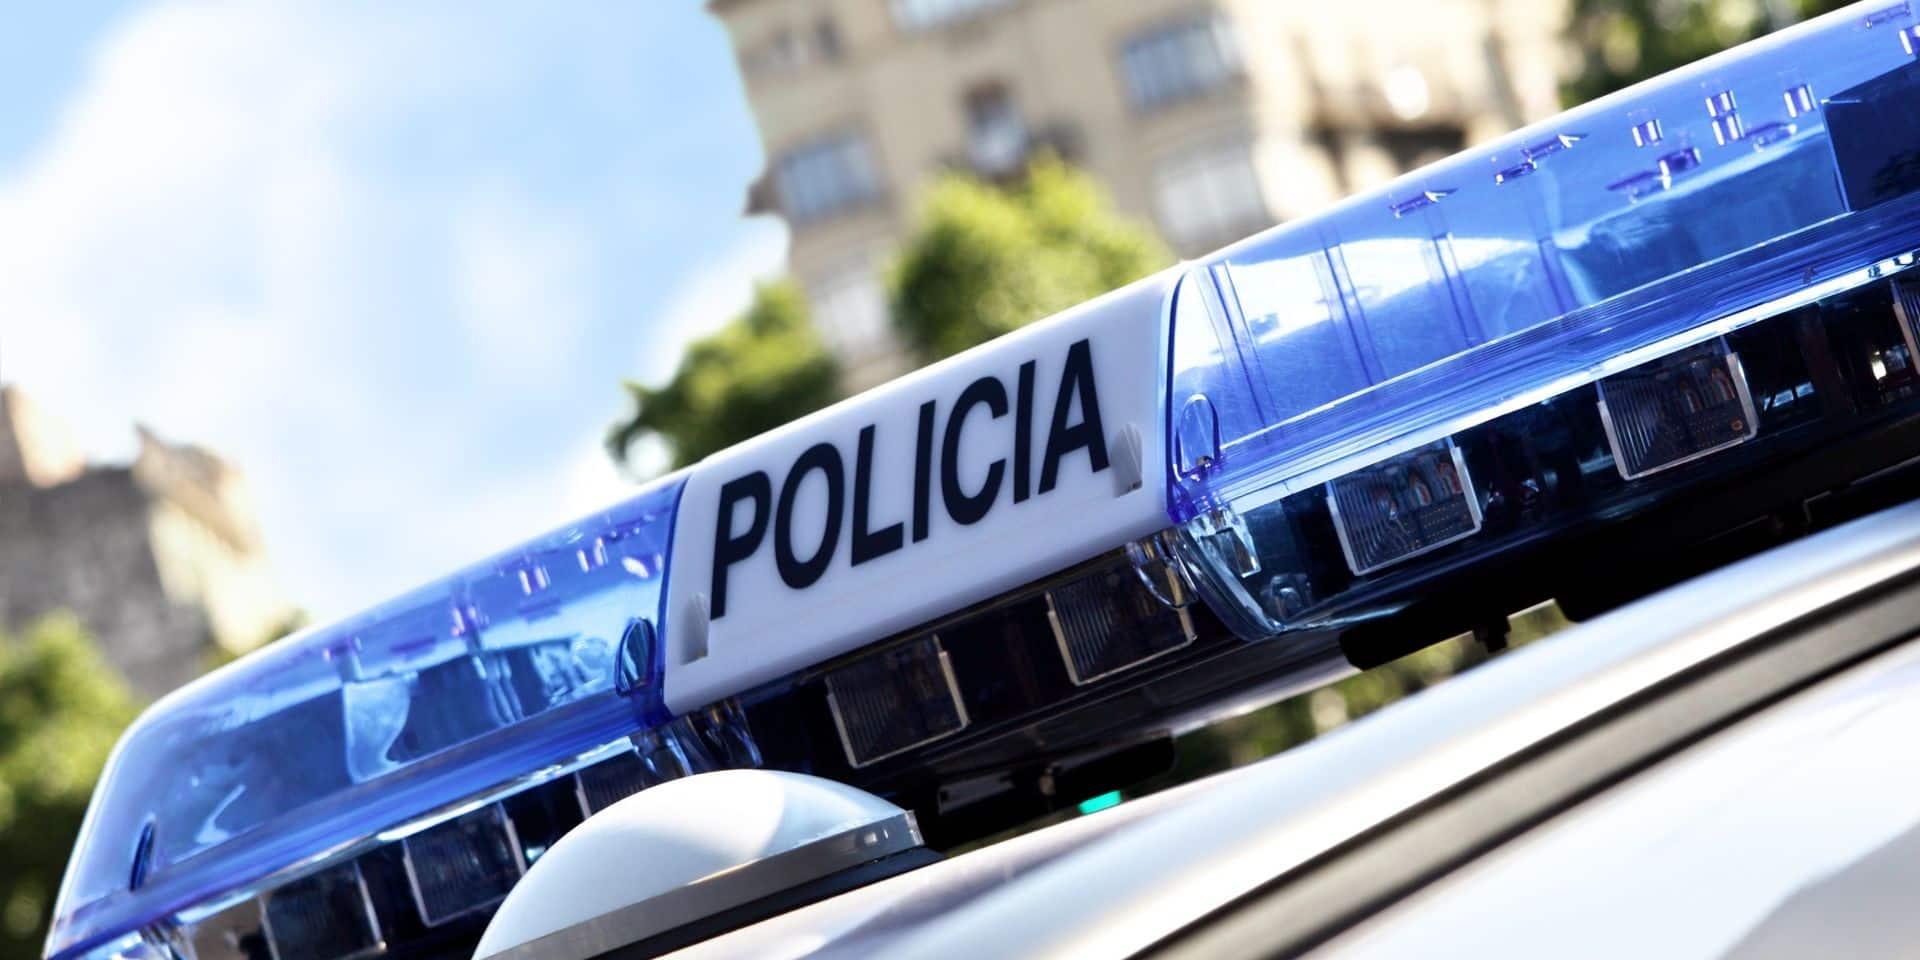 Un couple fait une chute de 200 m dans un ravin en Espagne: la dame décède, le mari grièvement blessé